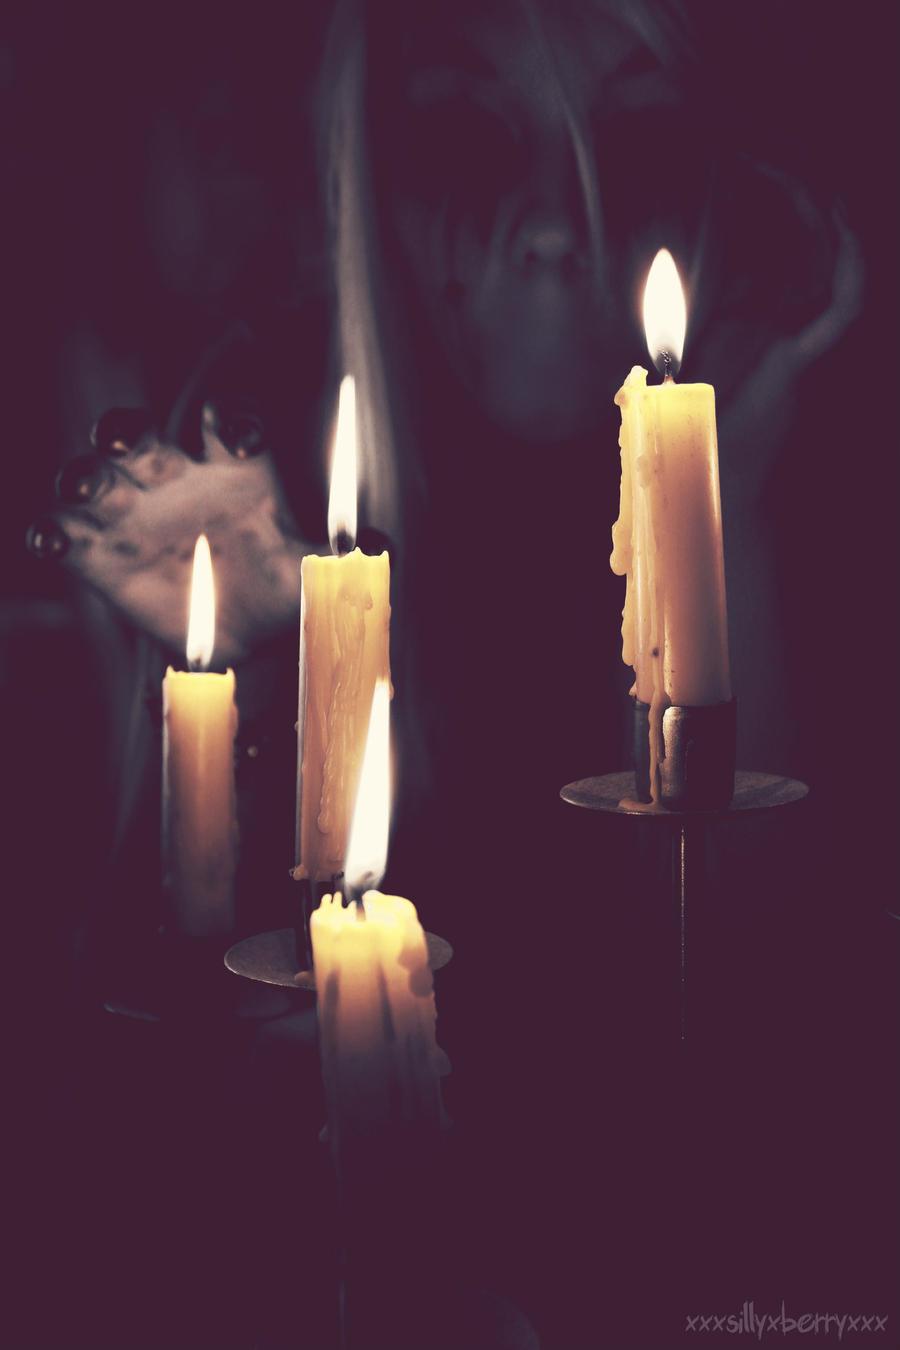 no one hears you in the dark by xXxSILLYxBERRYxXx